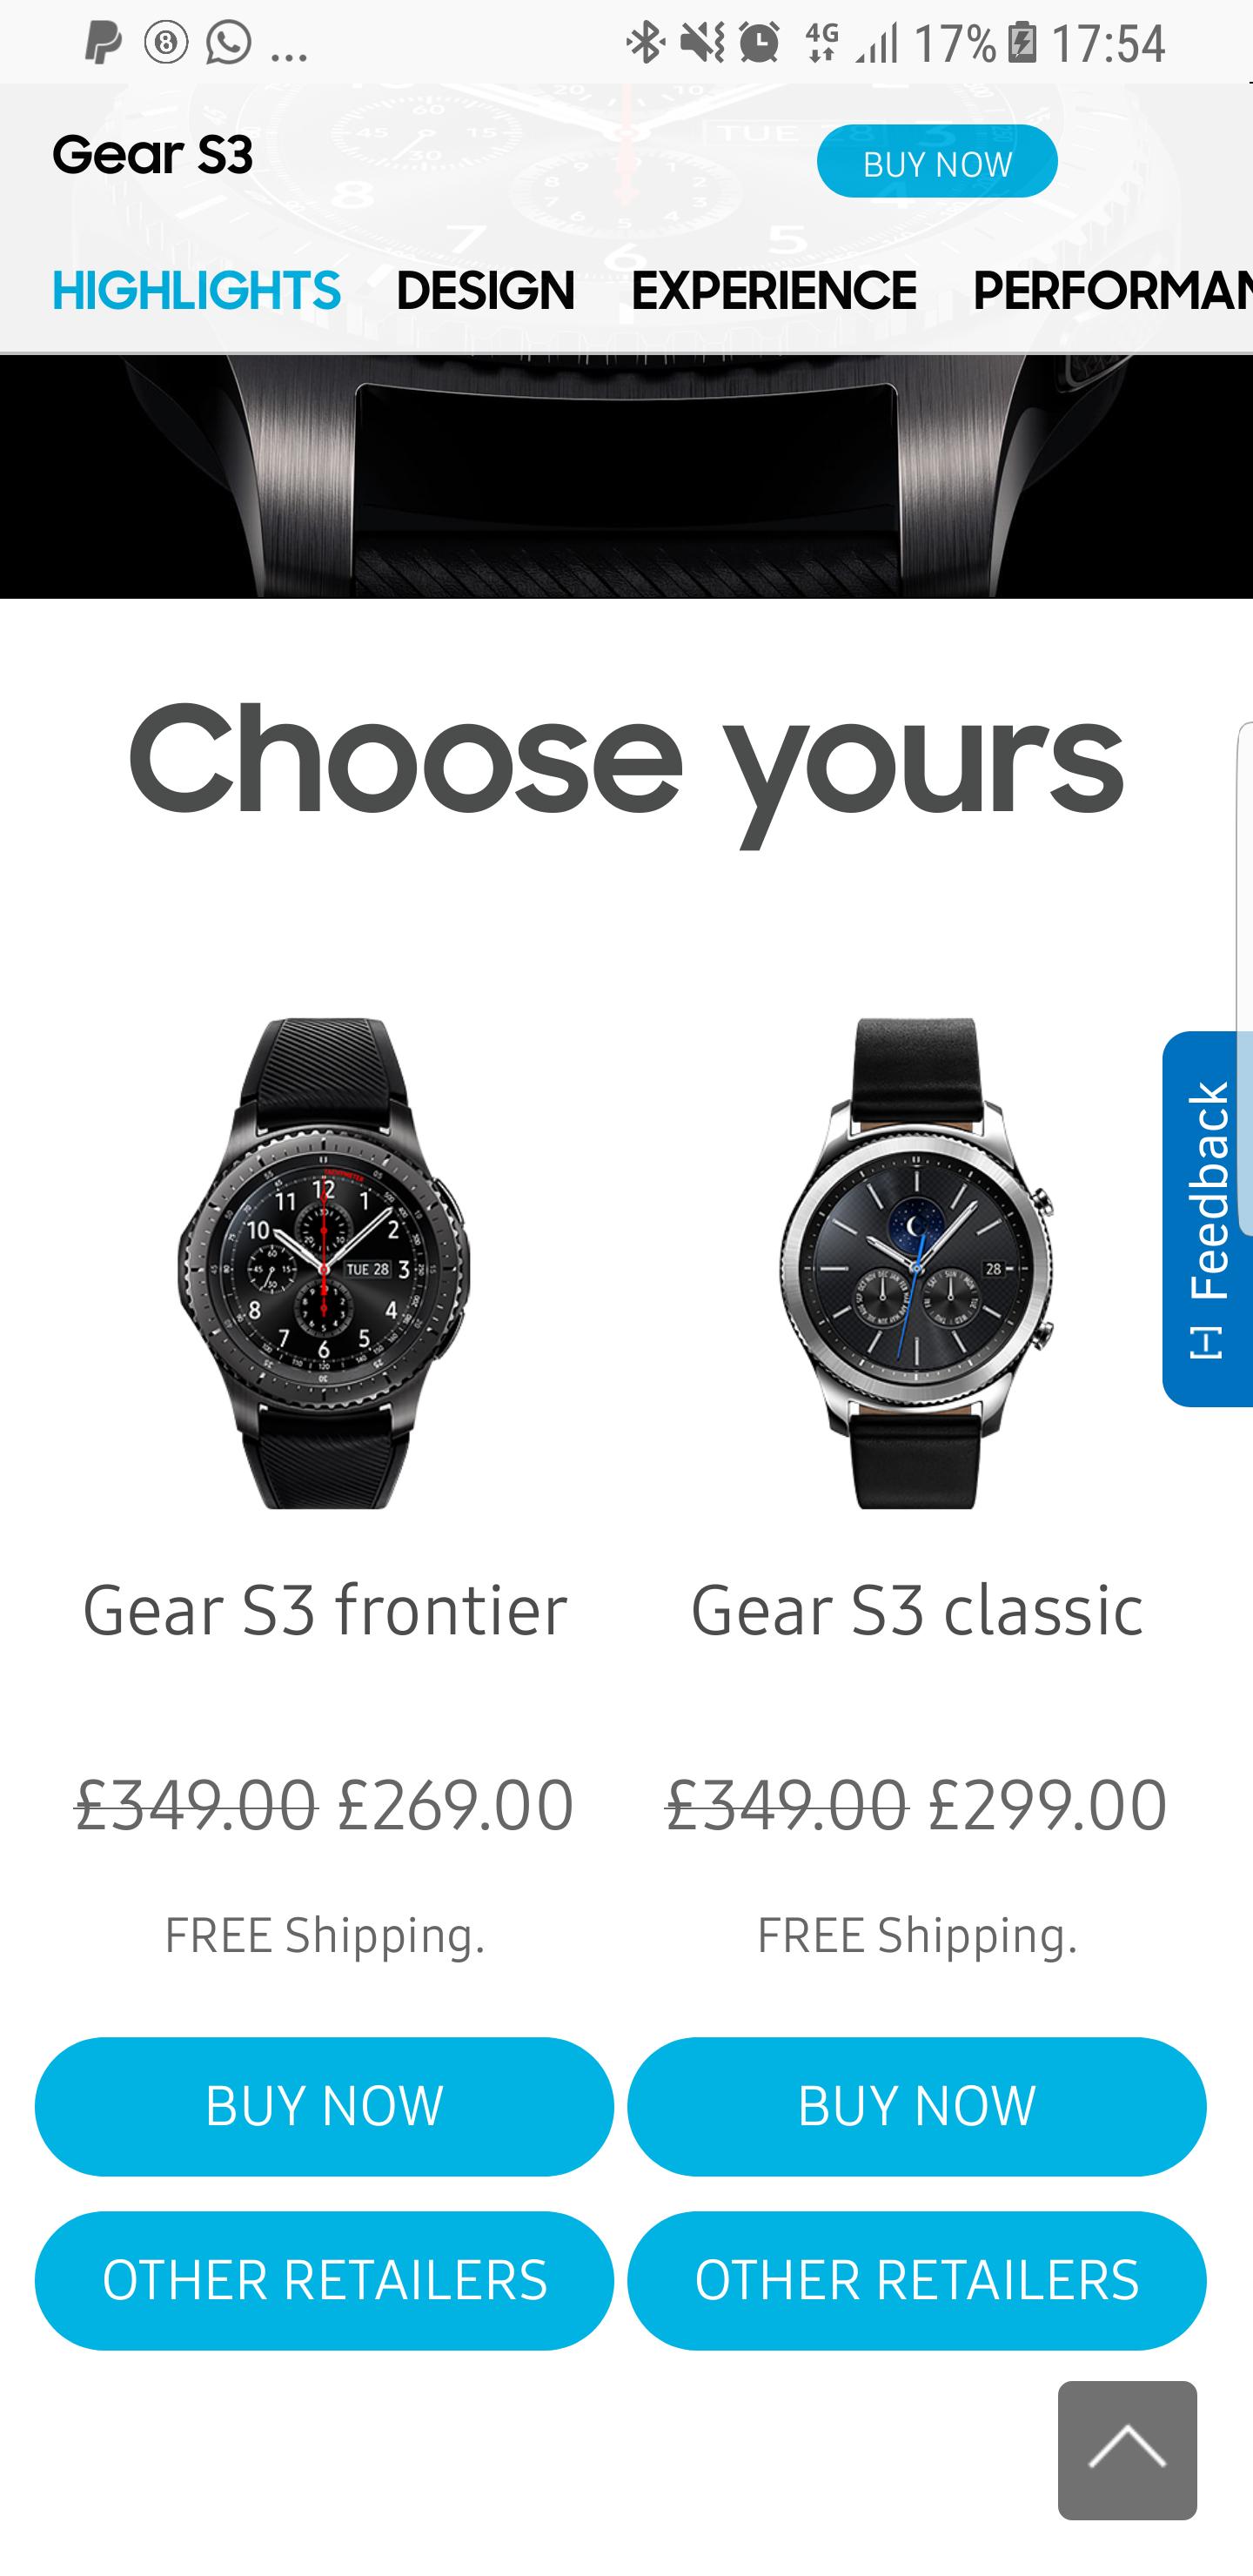 Samsung gear s3 frontier £269 @ Samsung